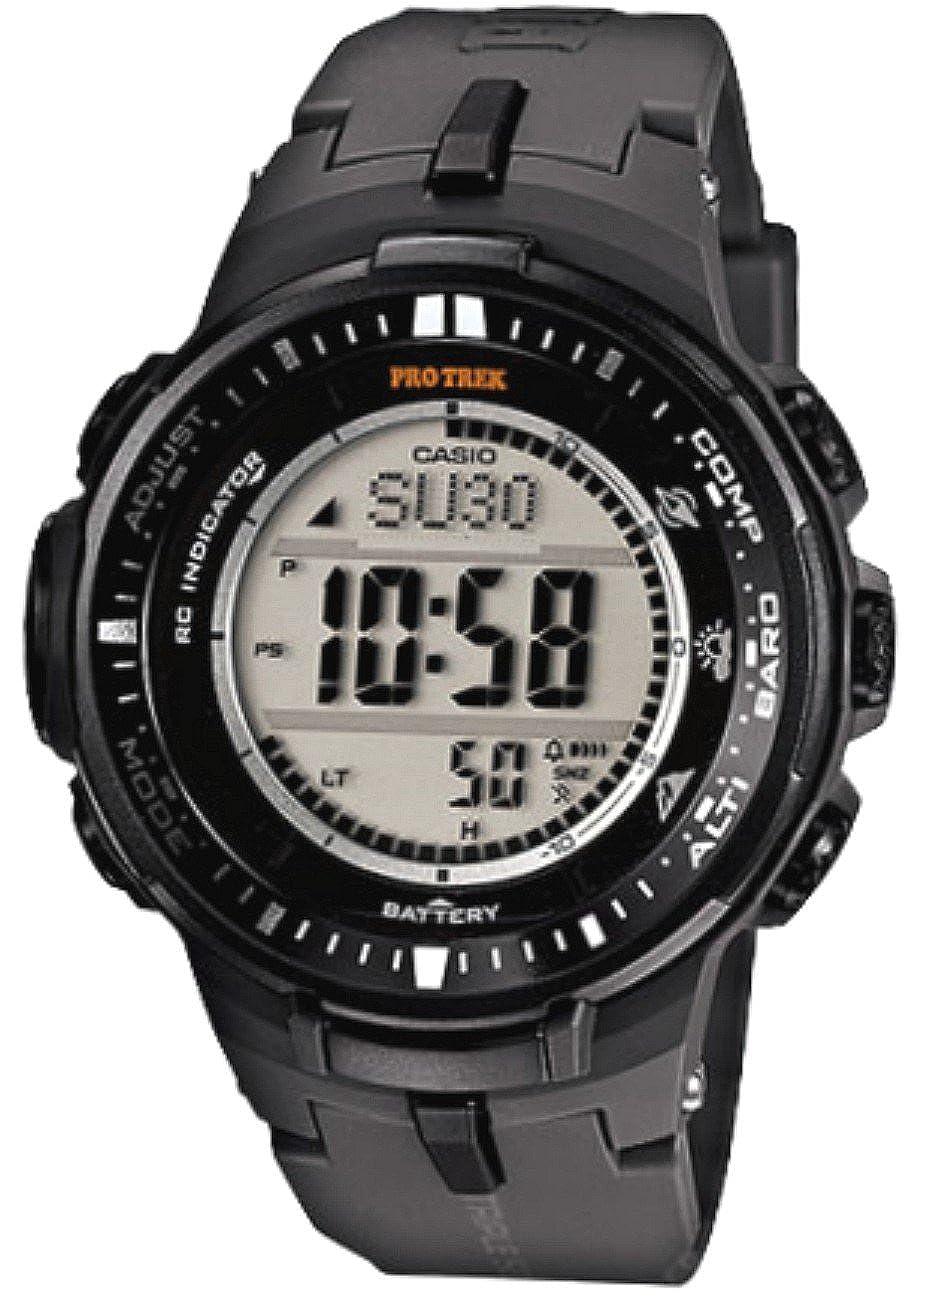 Reloj Casio Pro Trek PRW-3000 al cuarzo (batería) acero ...